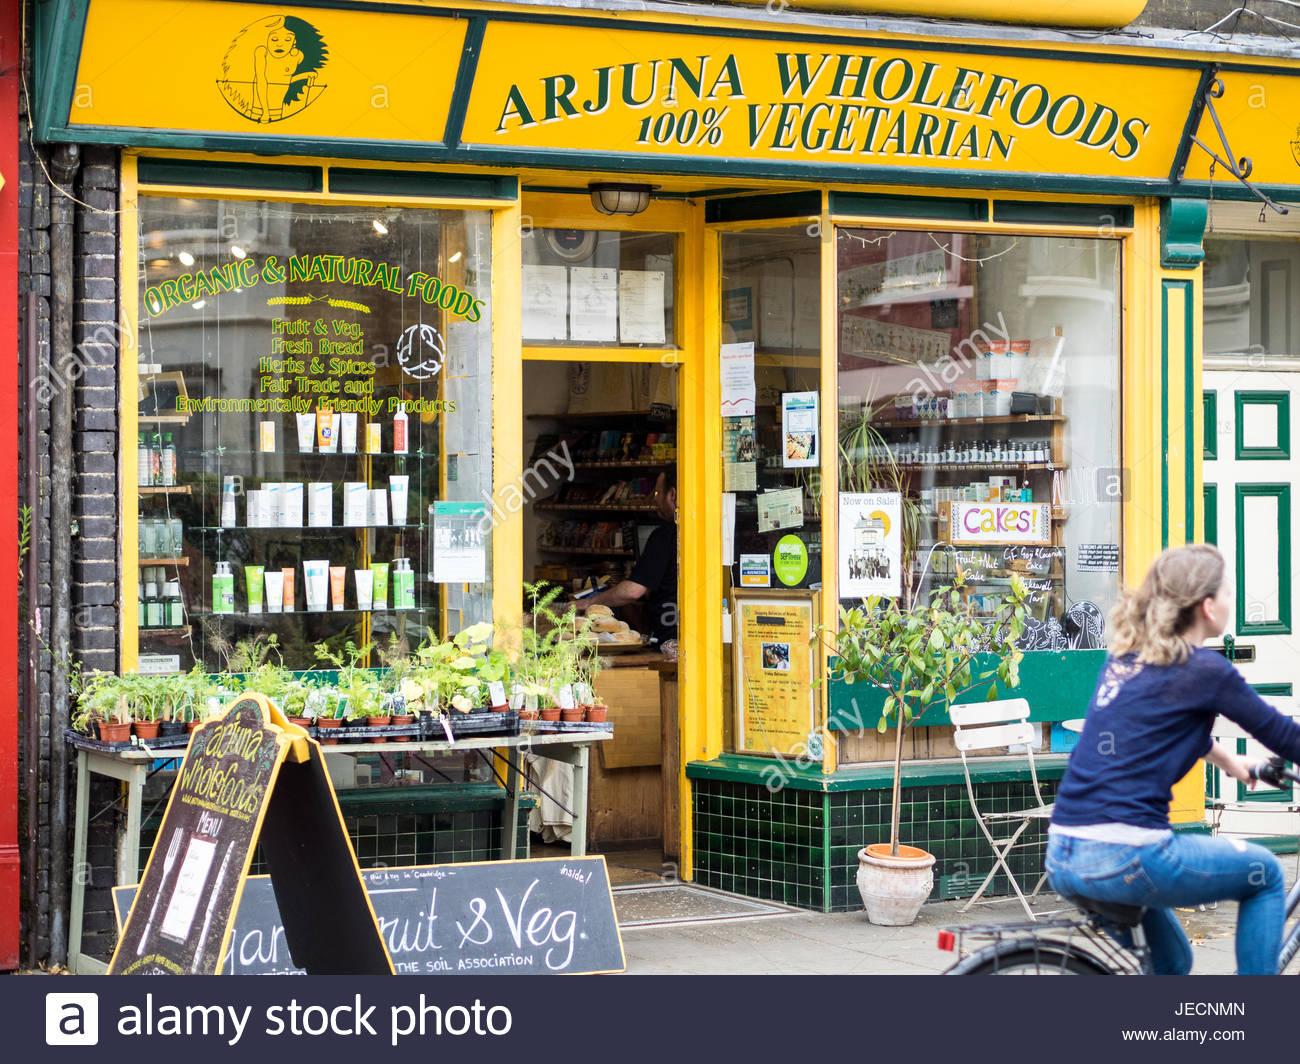 Wholefood Shop Imágenes De Stock   Wholefood Shop Fotos De Stock - Alamy d4d82d31f9b1